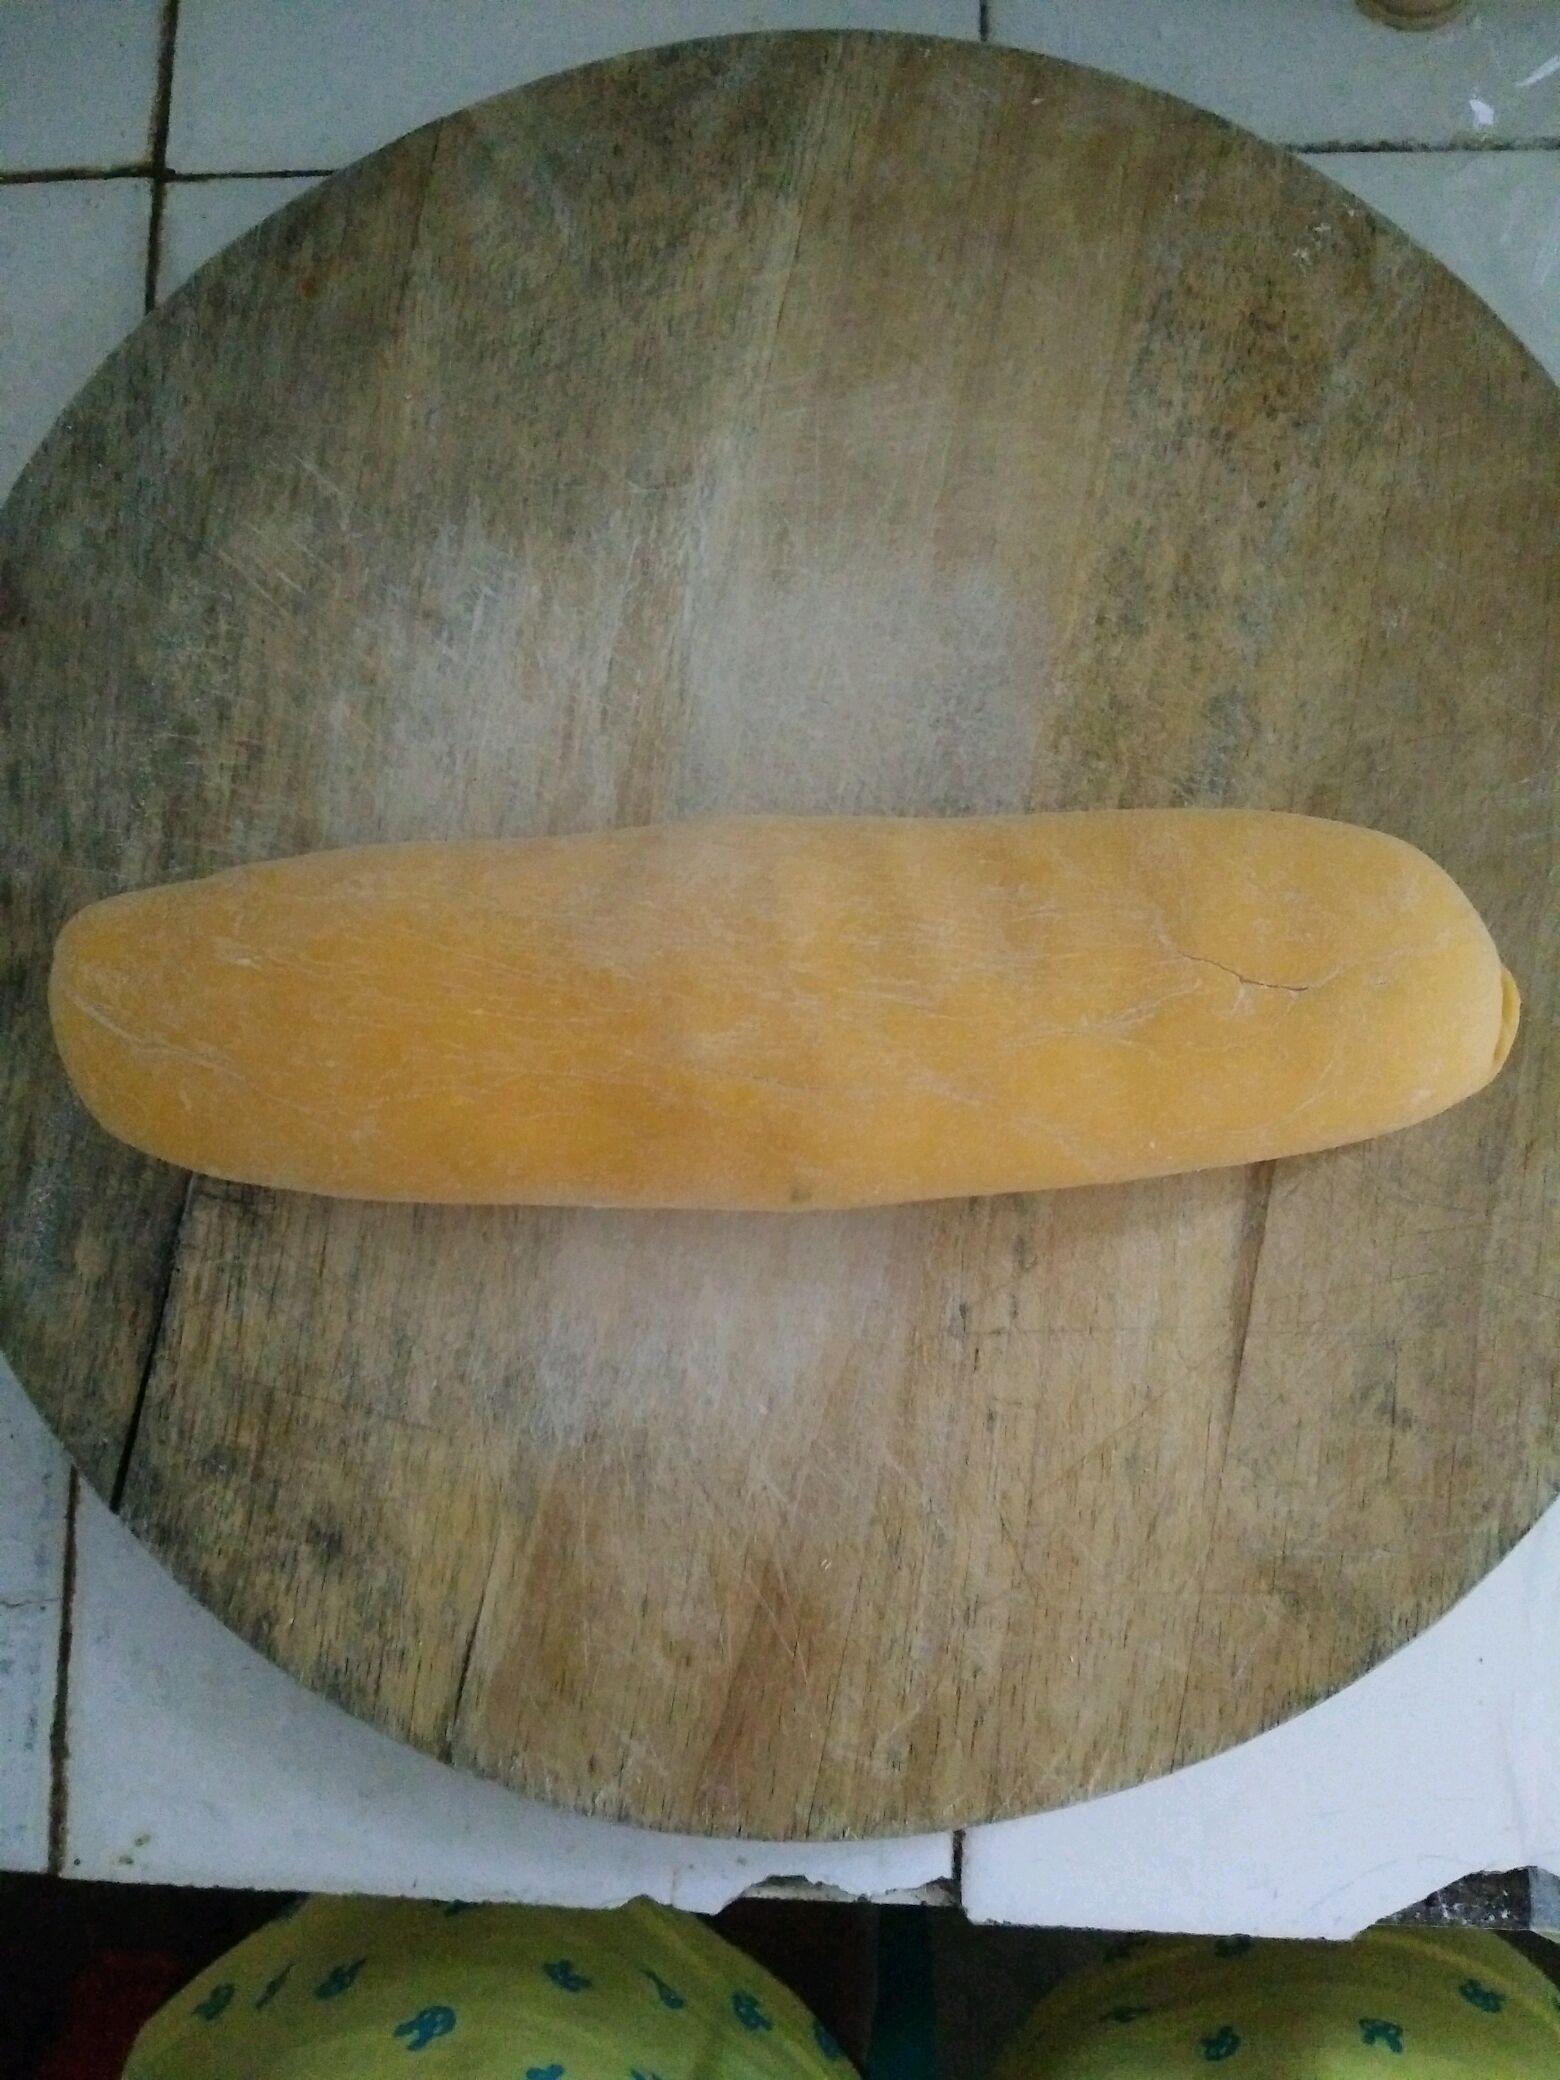 南瓜包的做法_【图解】南瓜包怎么做如何做好吃_南瓜